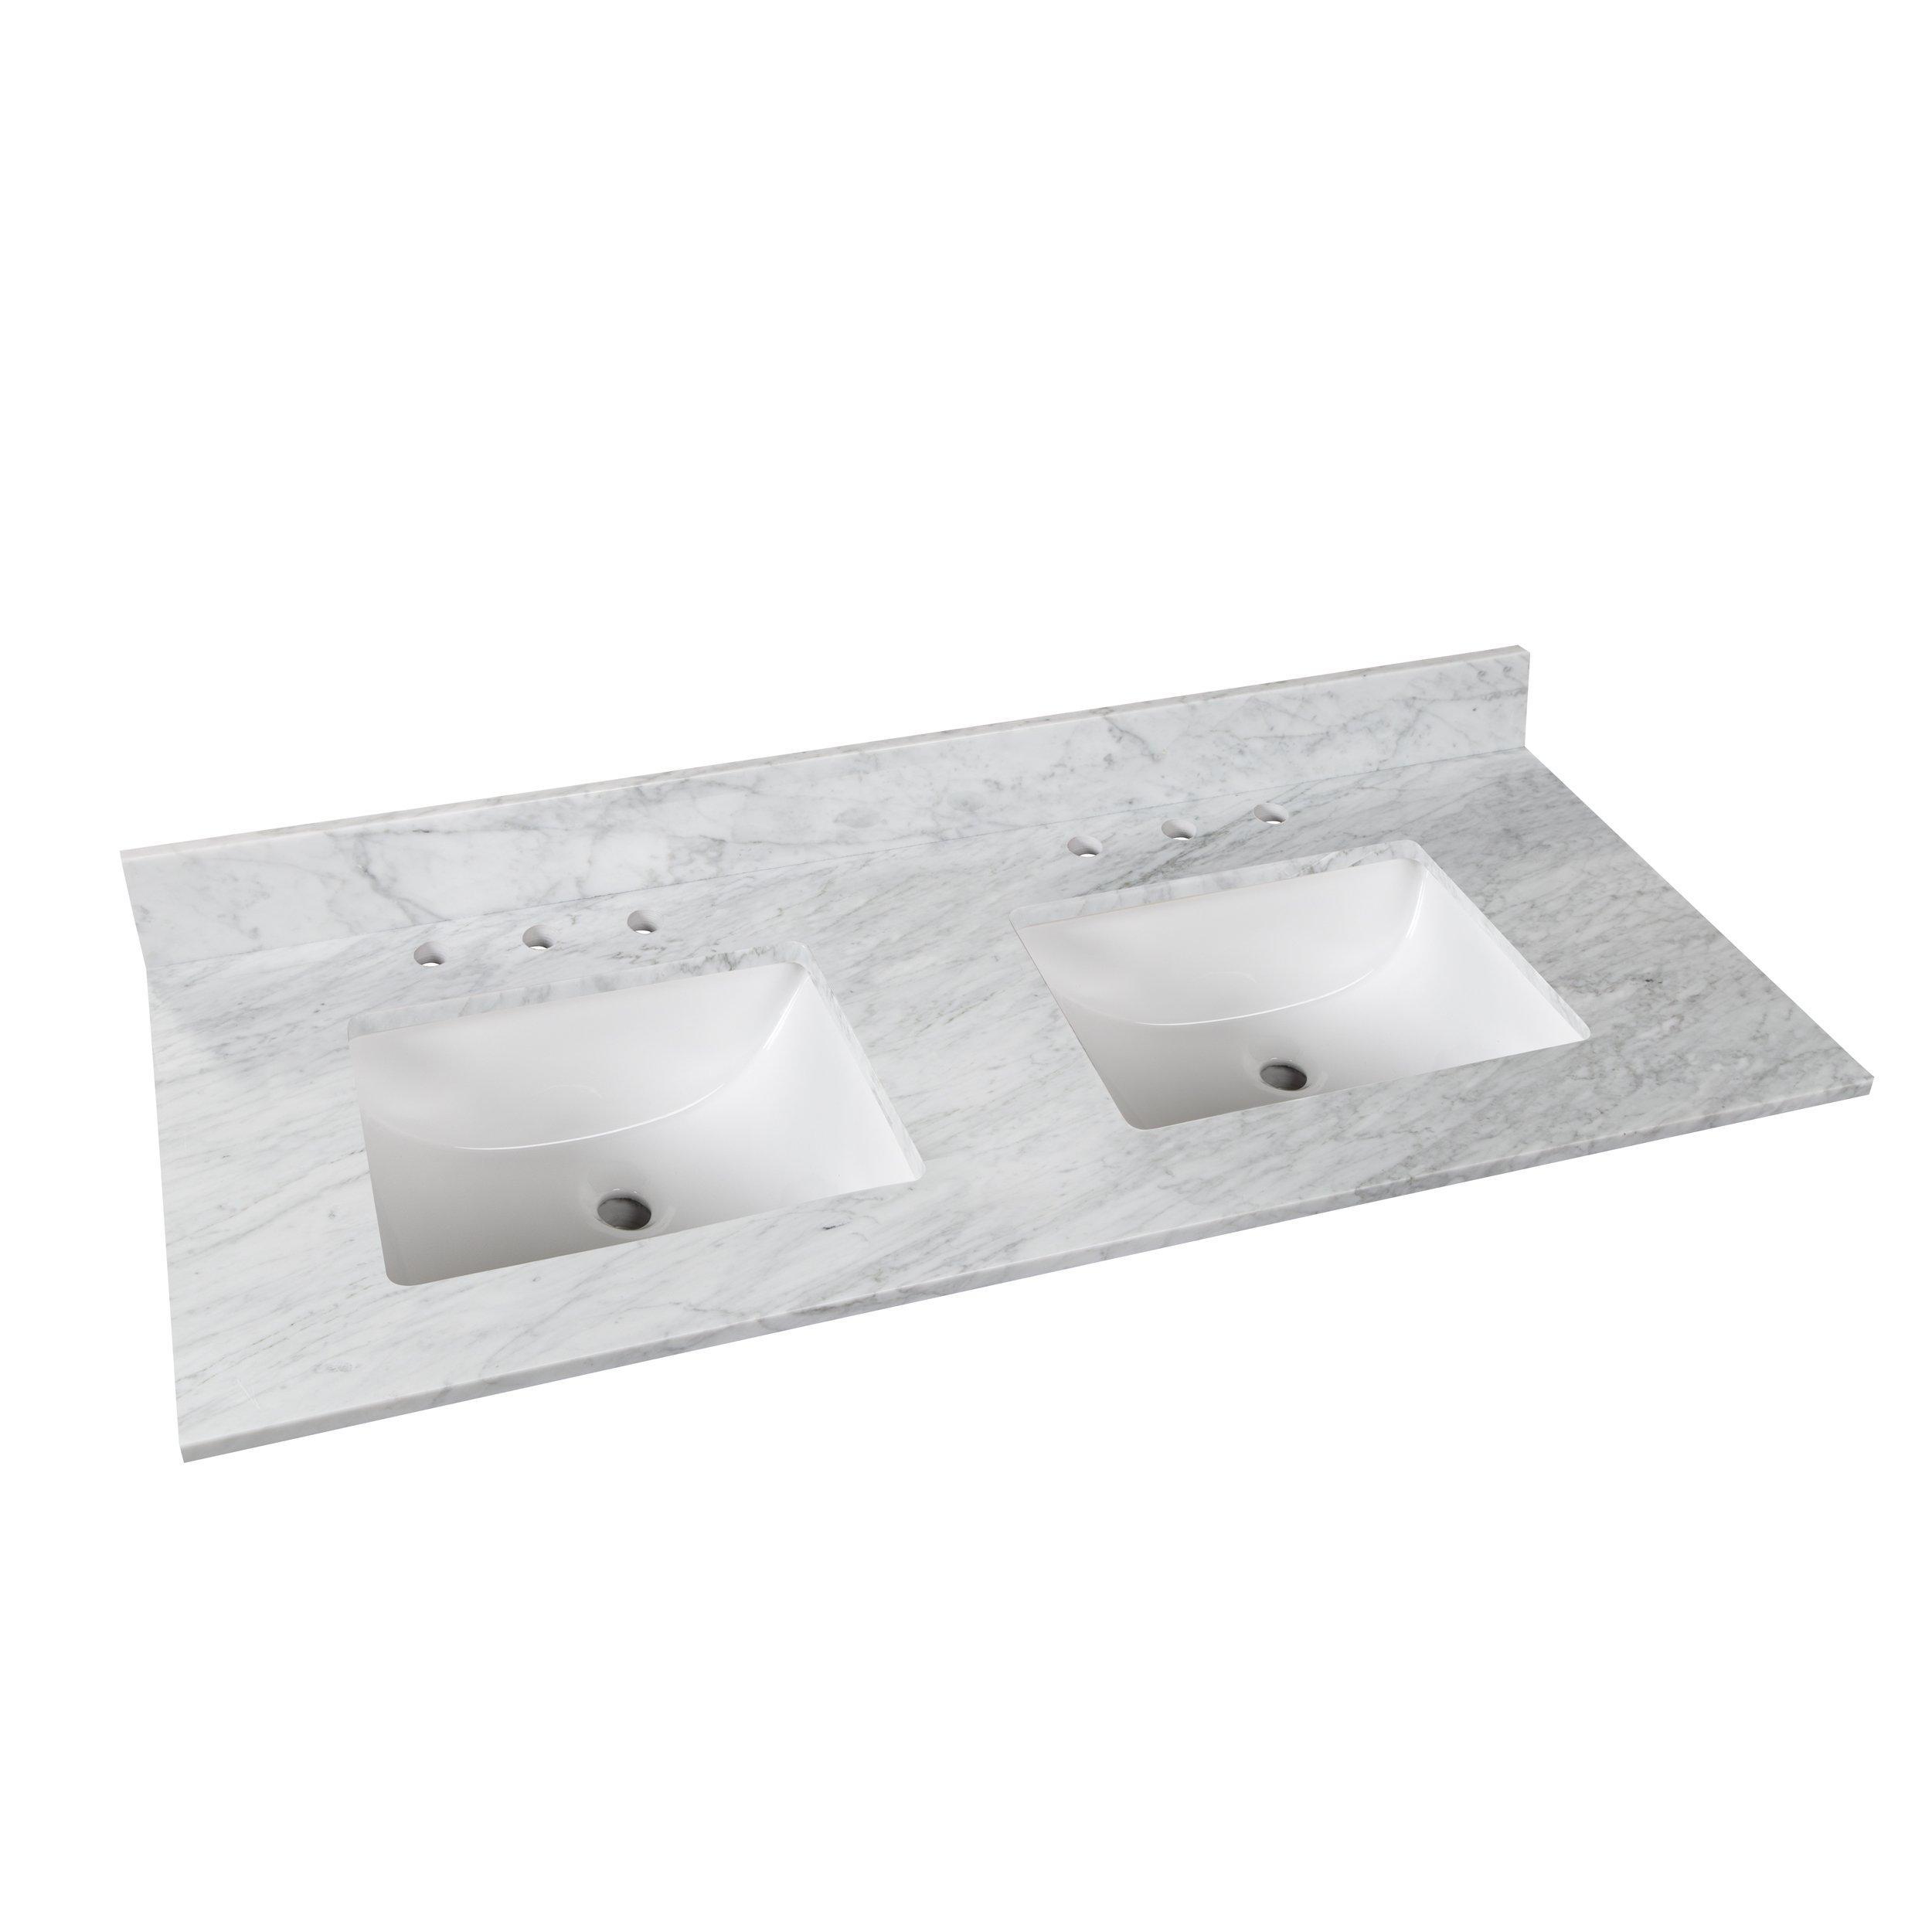 Bianco Carrara Marble 61 In Vanity Top 61in 100584192 Floor And Decor